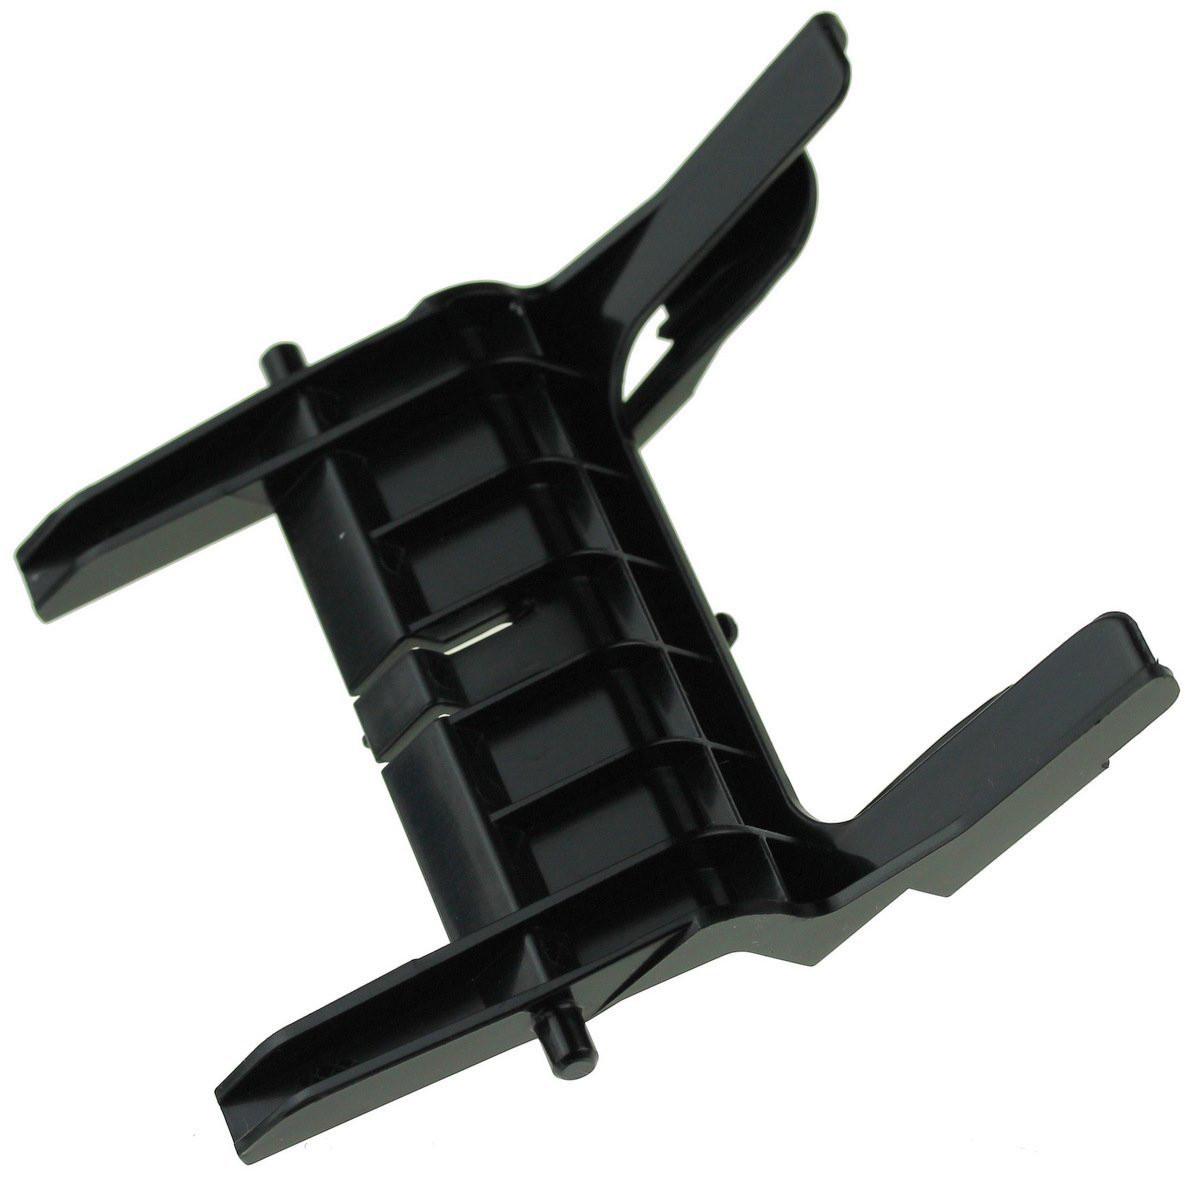 bosch siemens staubsauger halter f r staubsauger 657994 00657994. Black Bedroom Furniture Sets. Home Design Ideas